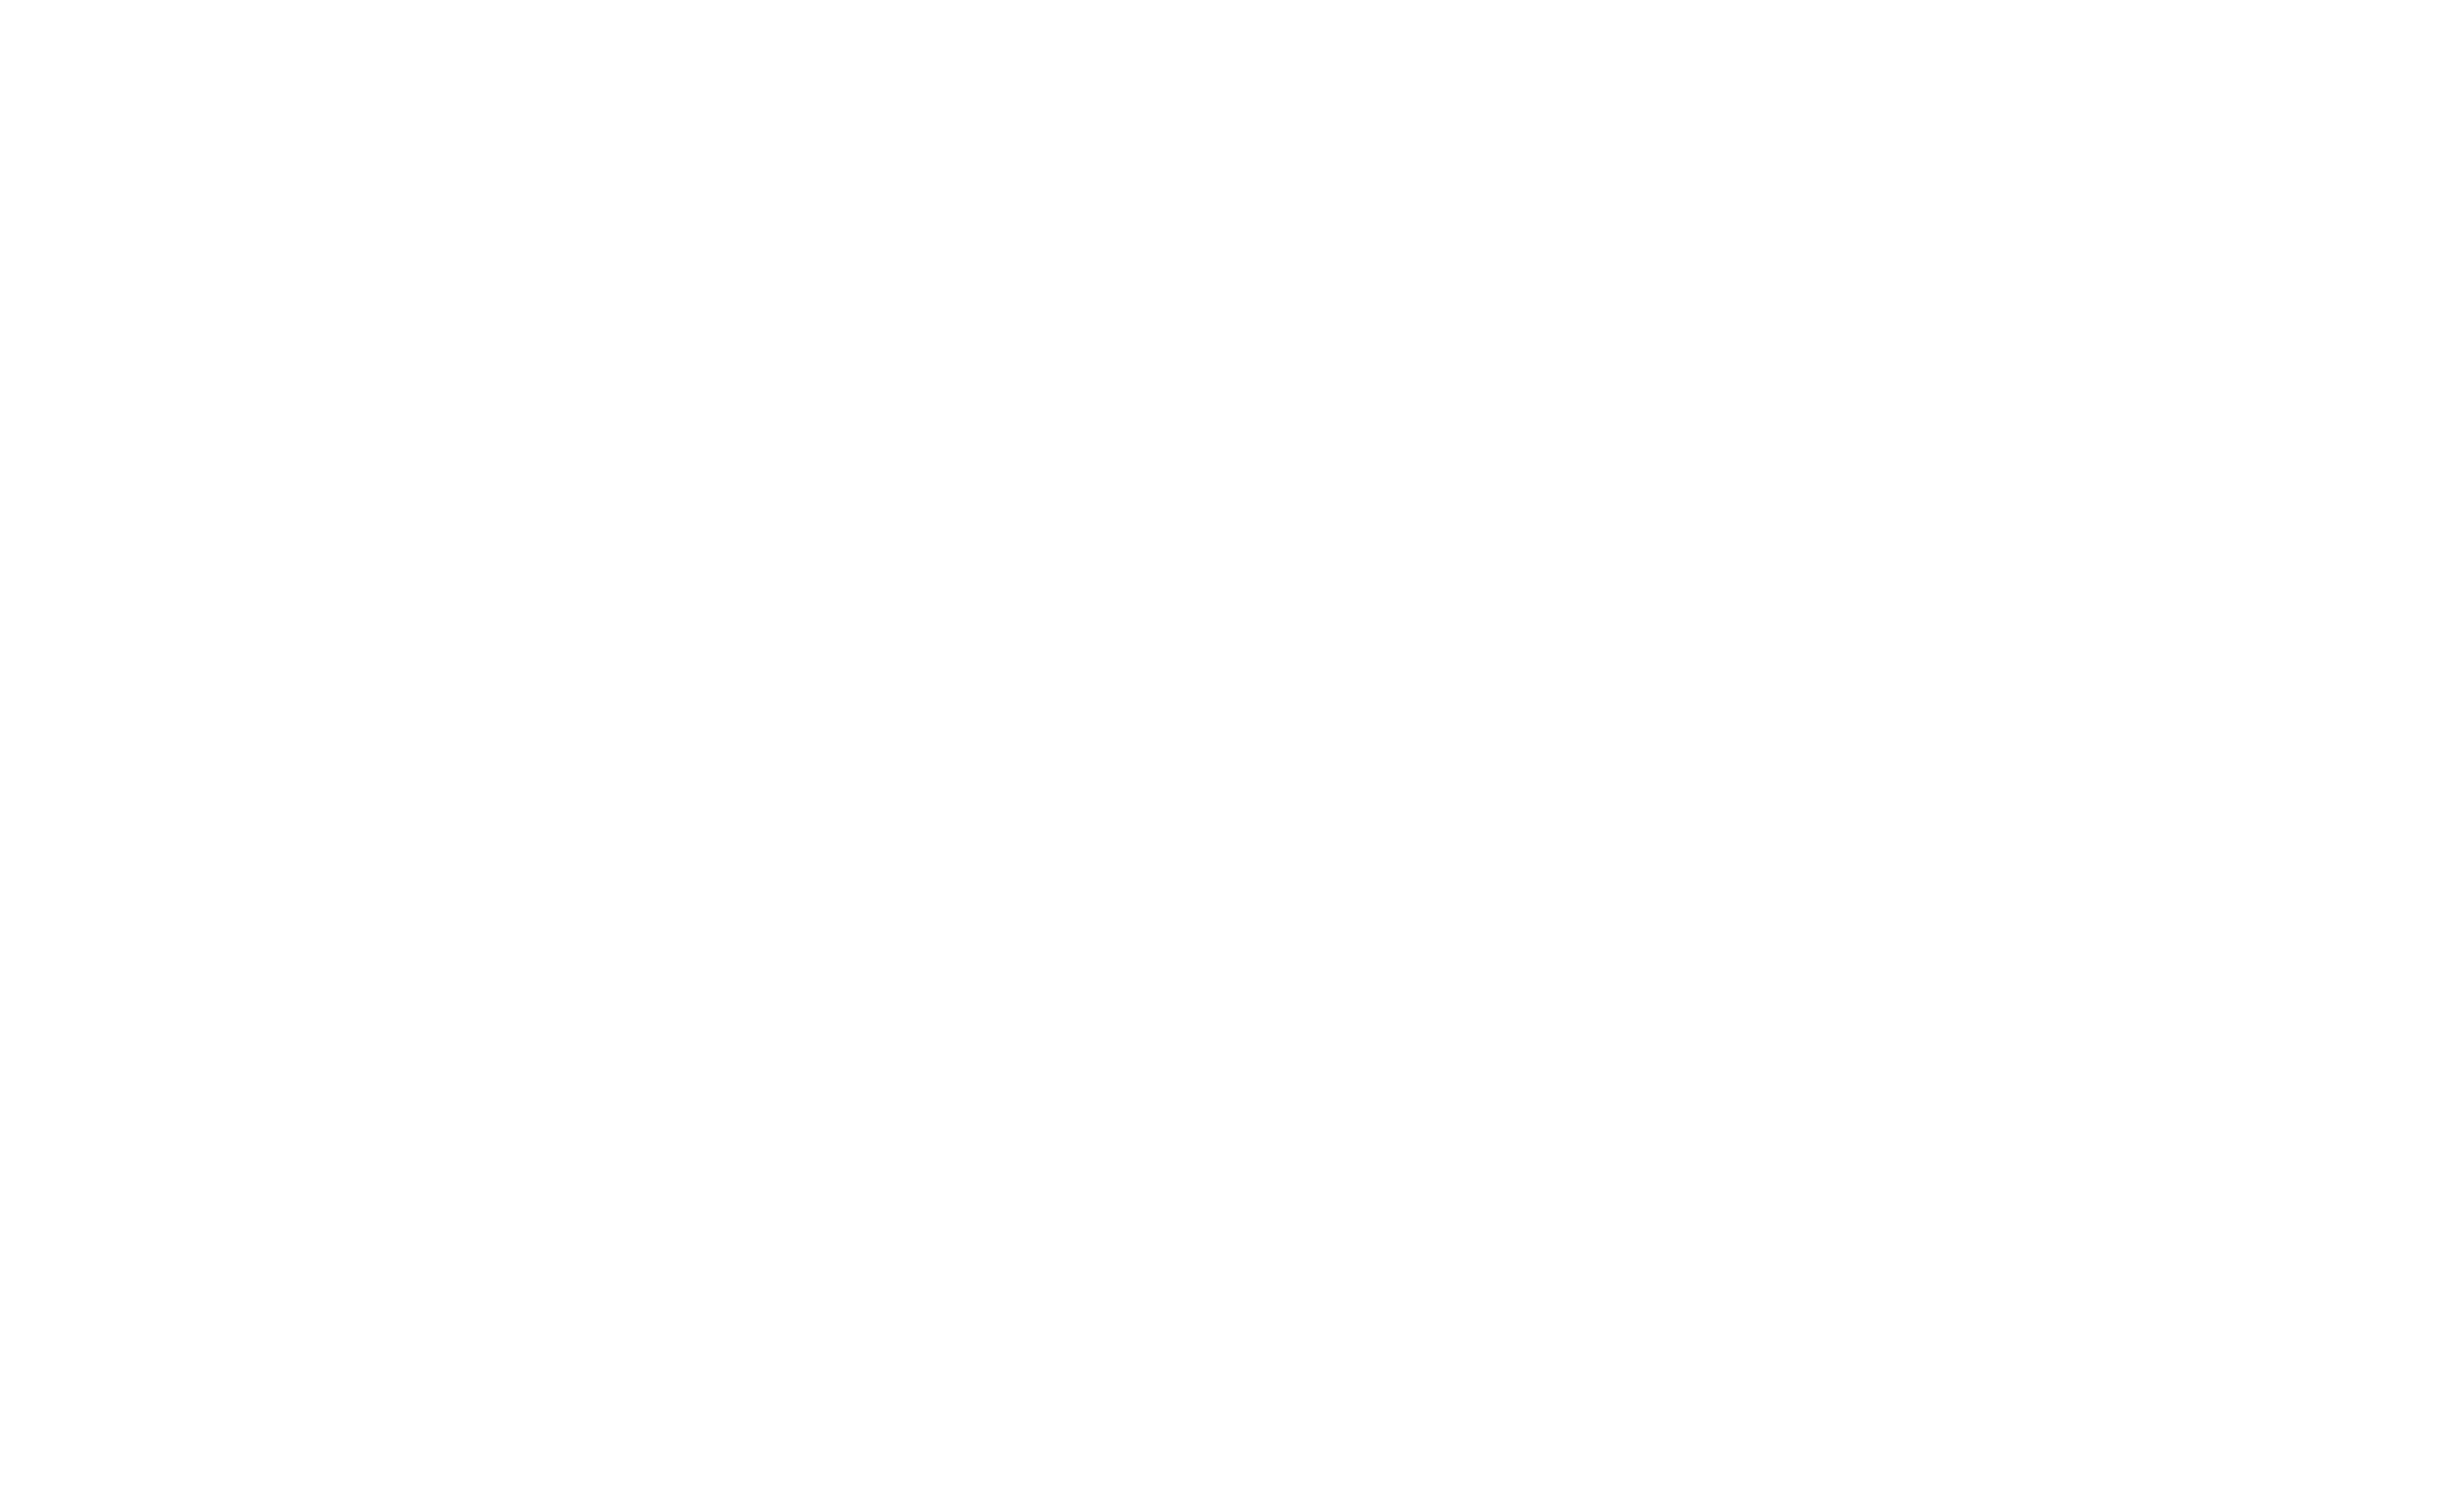 Valle logo in white